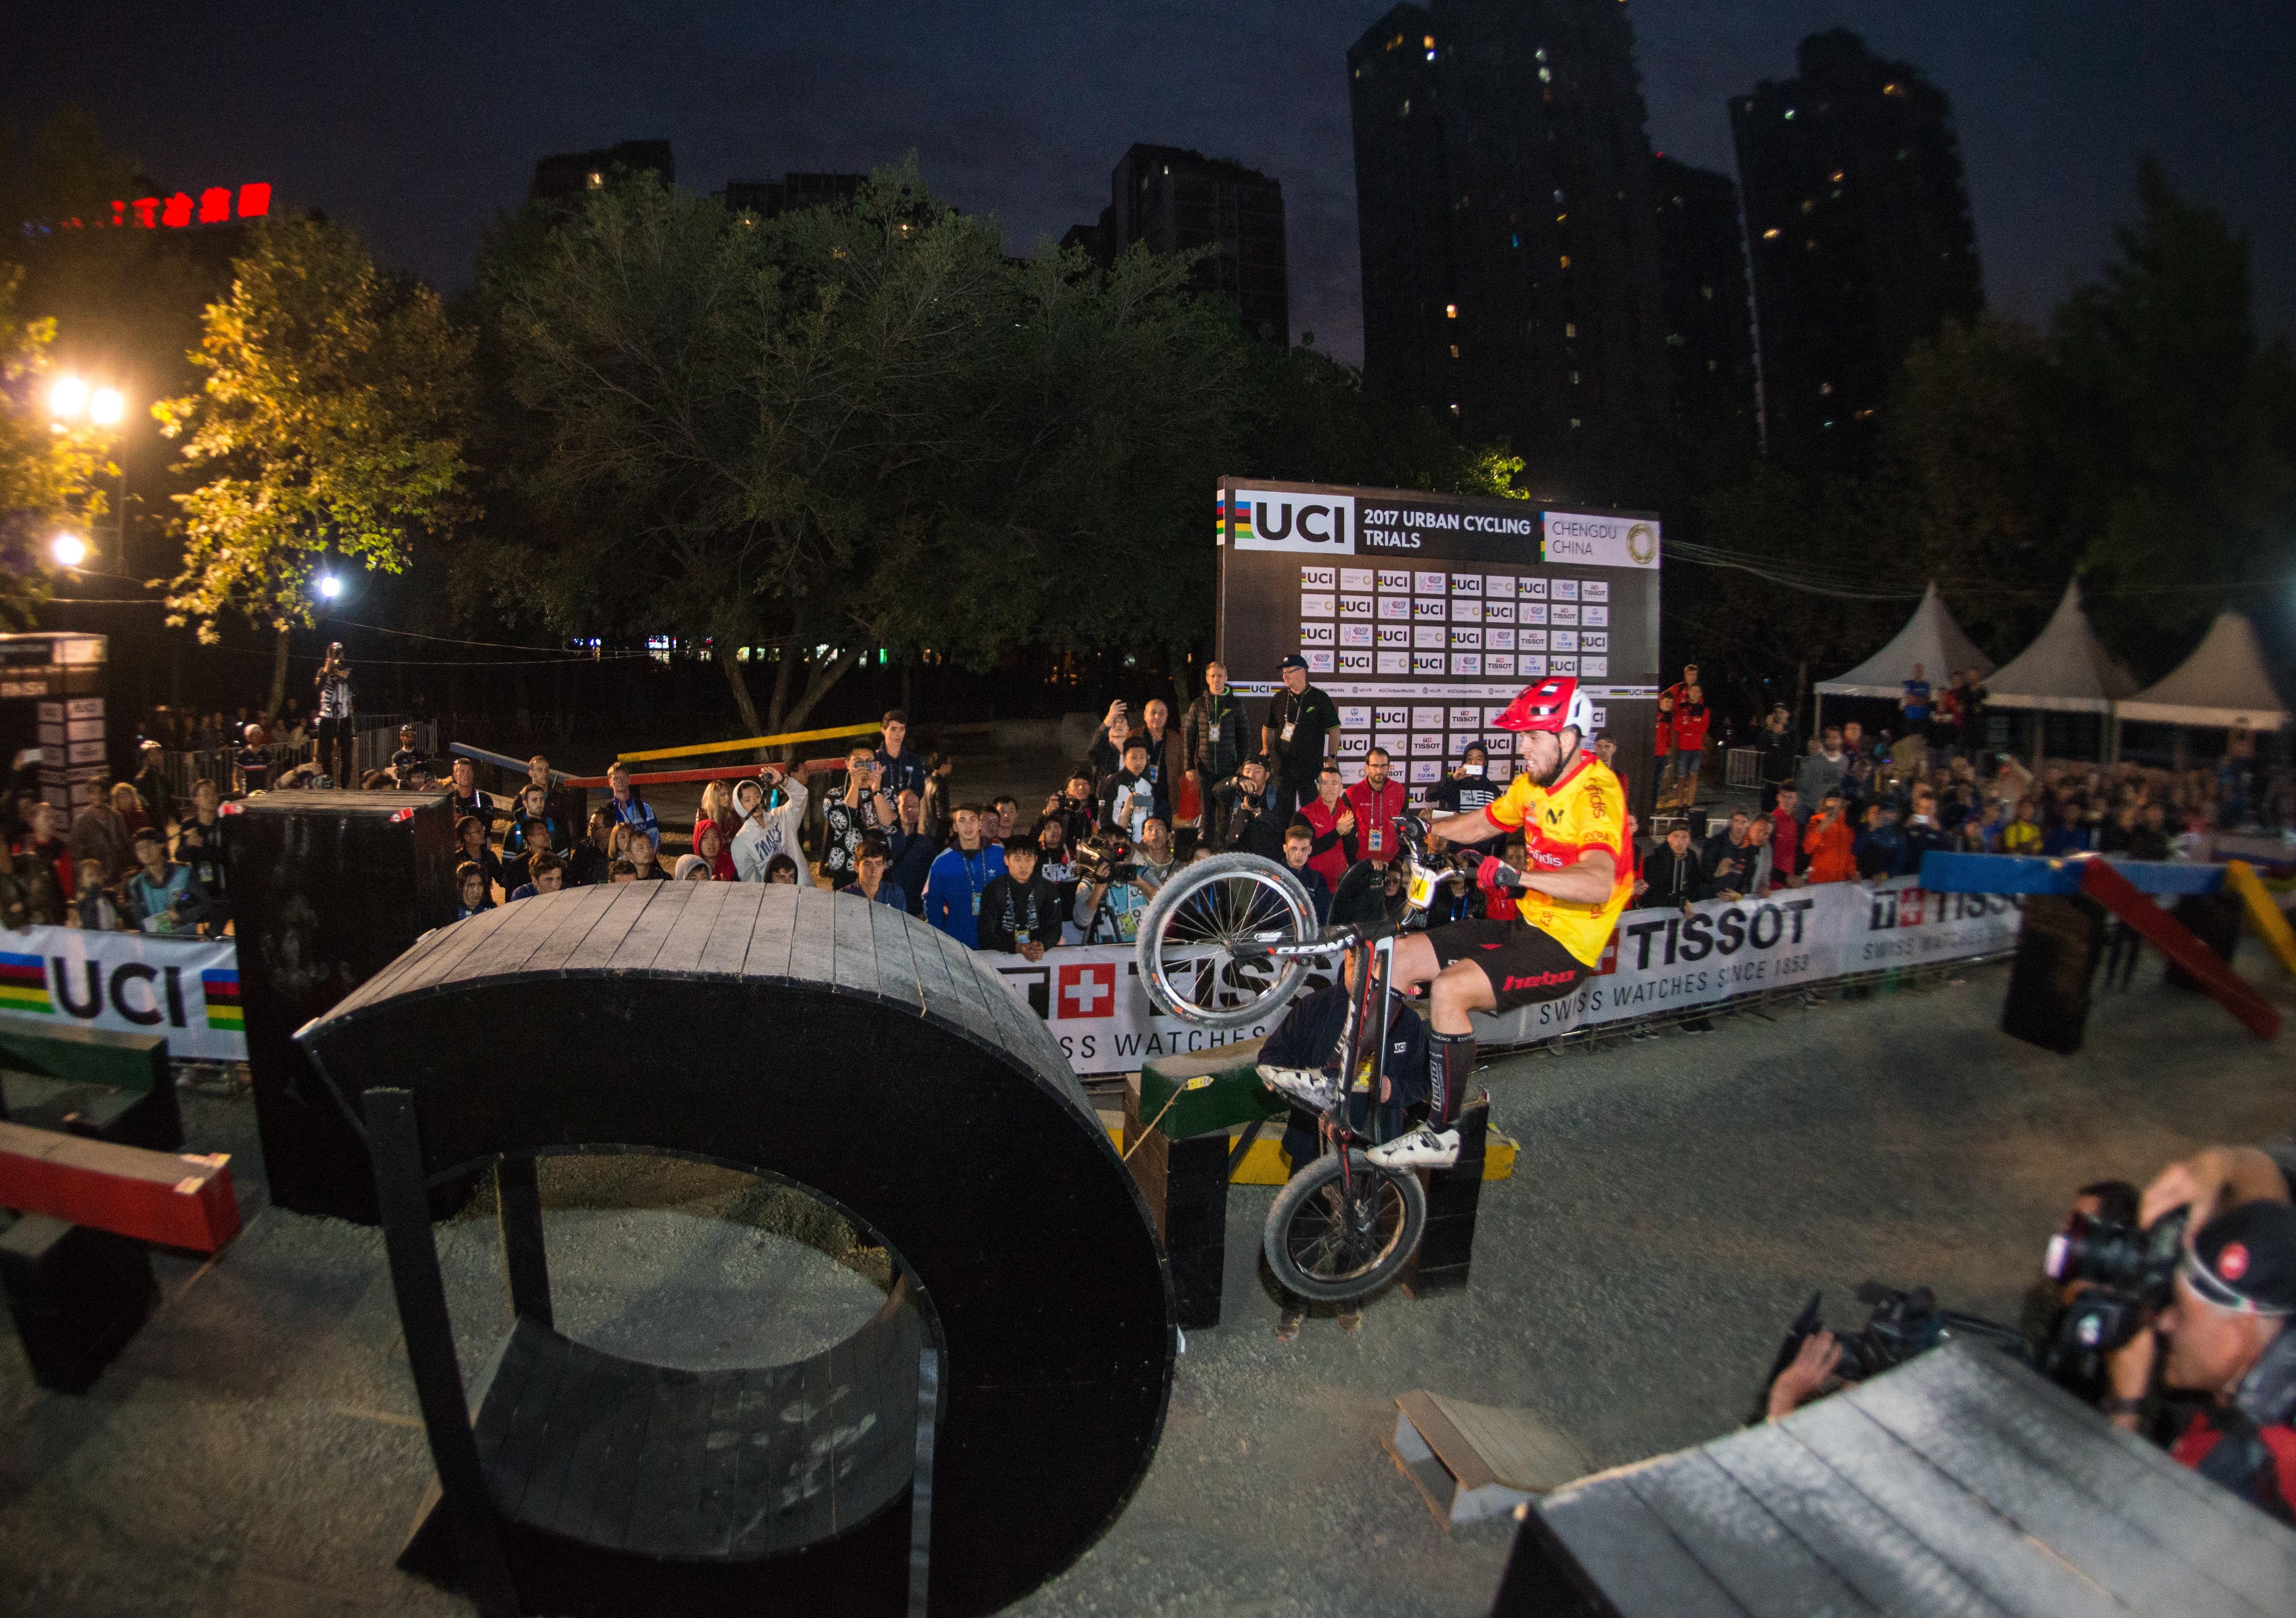 2017 UCI Urban Cycling World Championships - Wikipedia